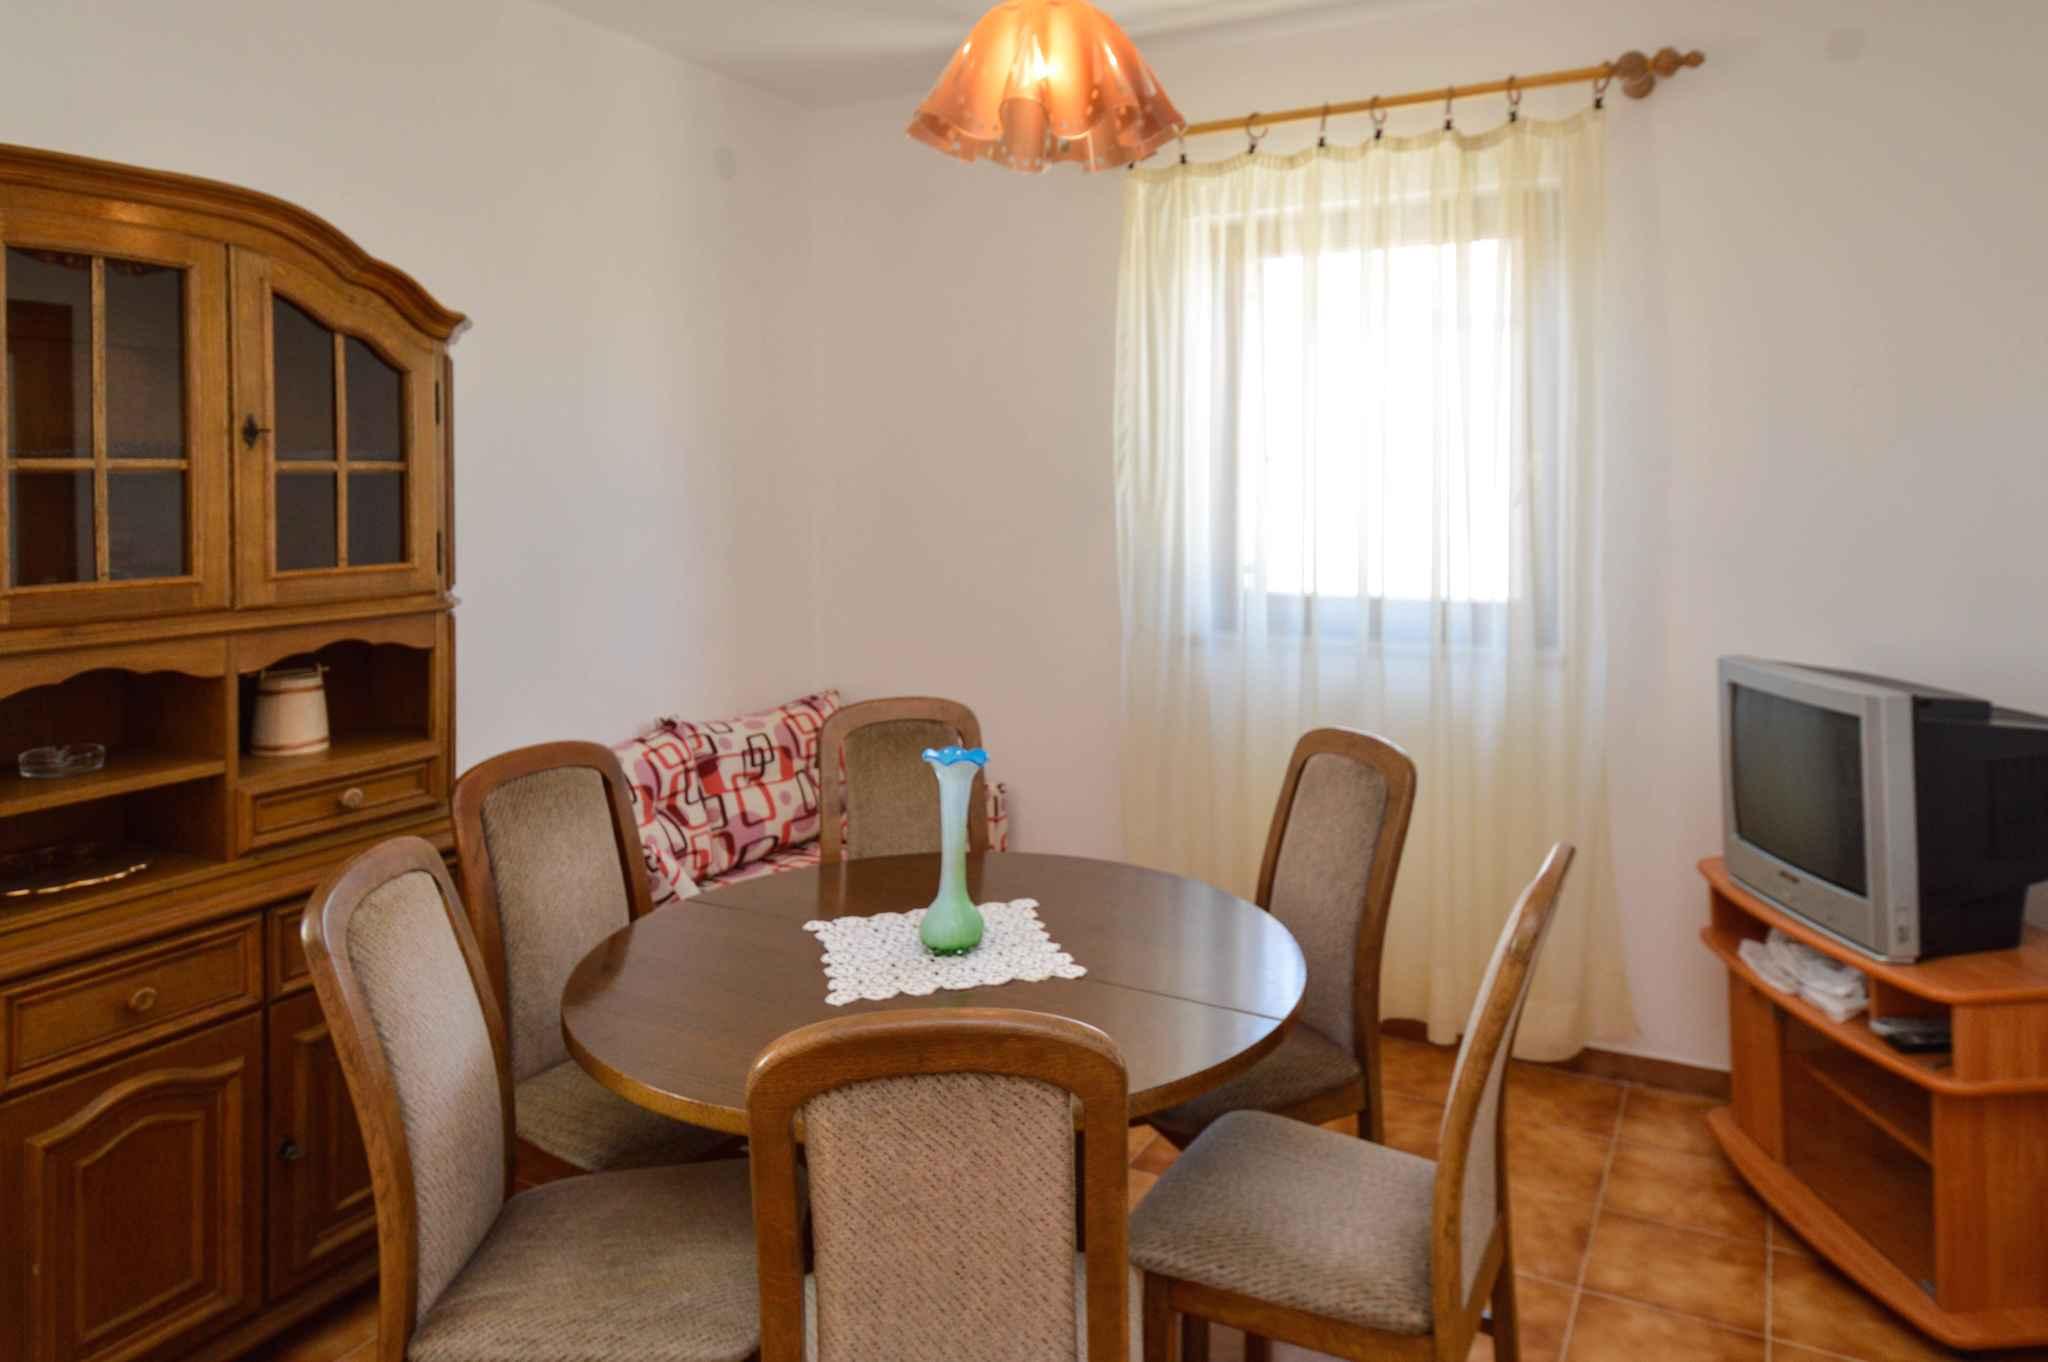 Ferienhaus mit Aussenpool im Dorf (974973), Marcana, , Istrien, Kroatien, Bild 10